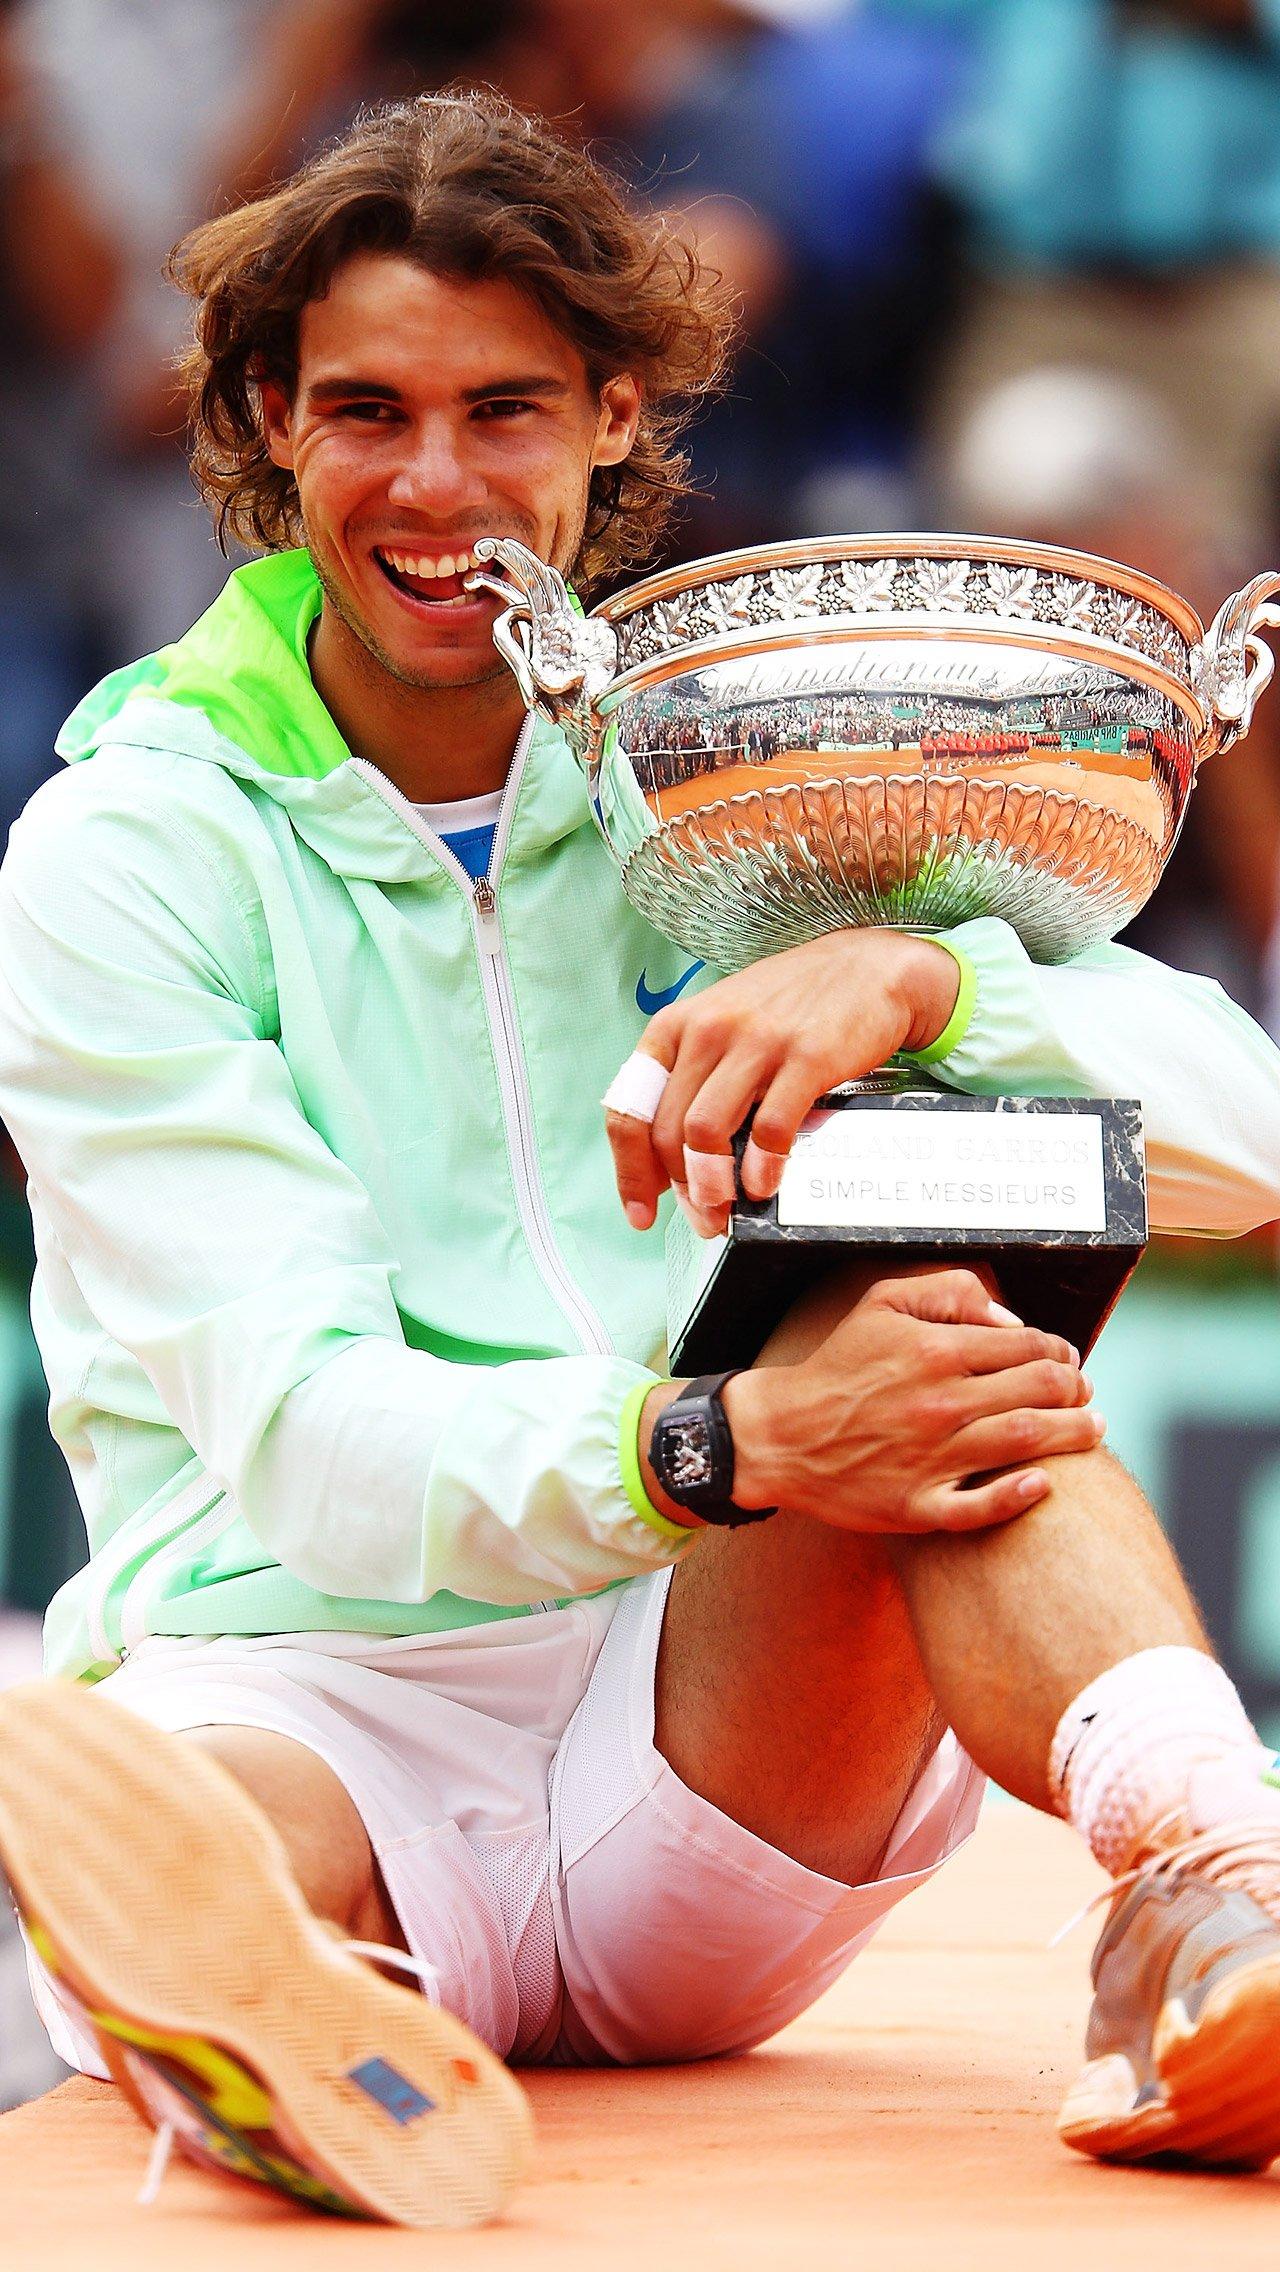 С 2010 по 2014 годы Надаль довёл число побед в Париже до 9.